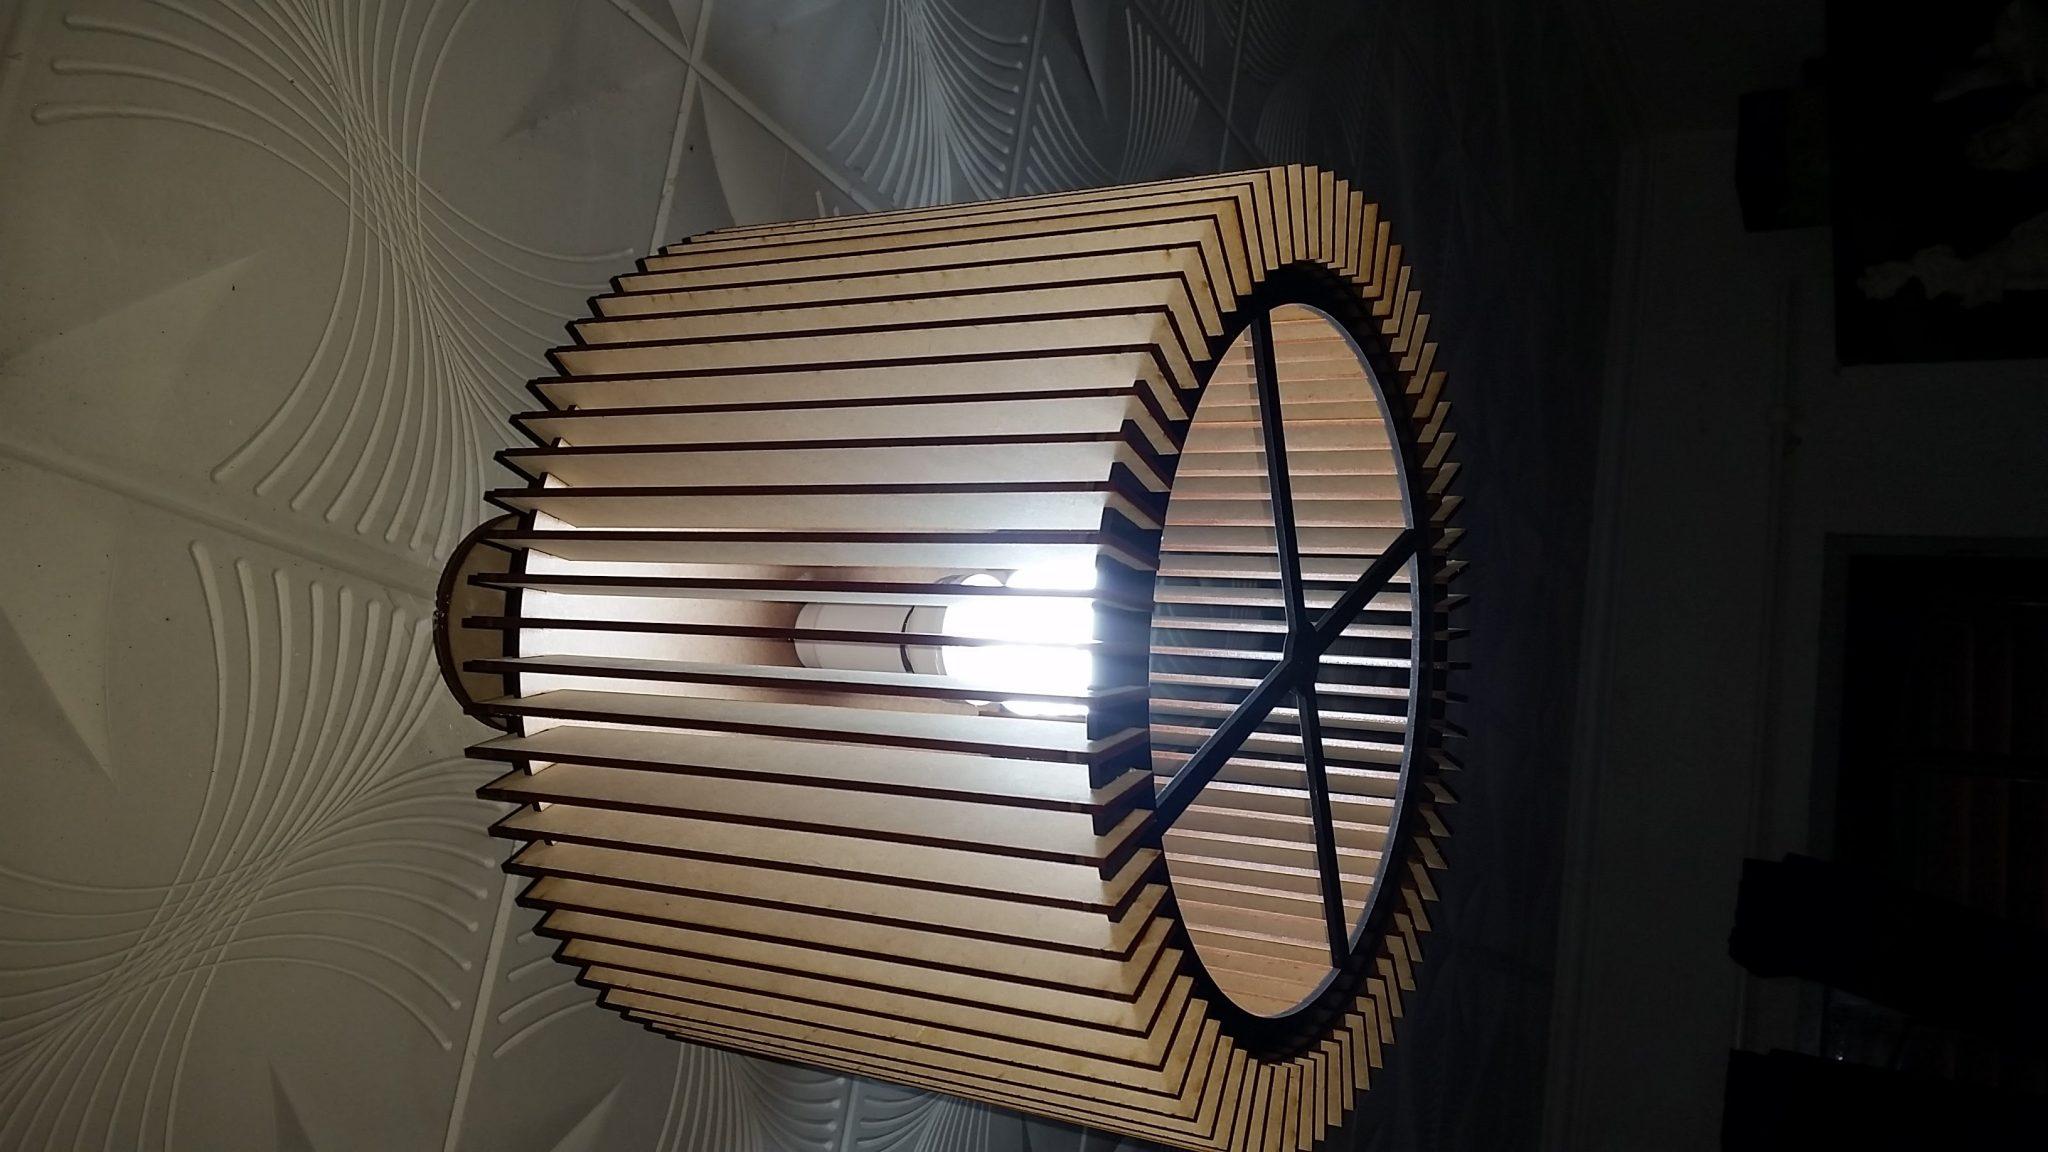 Lamparas en corte laser